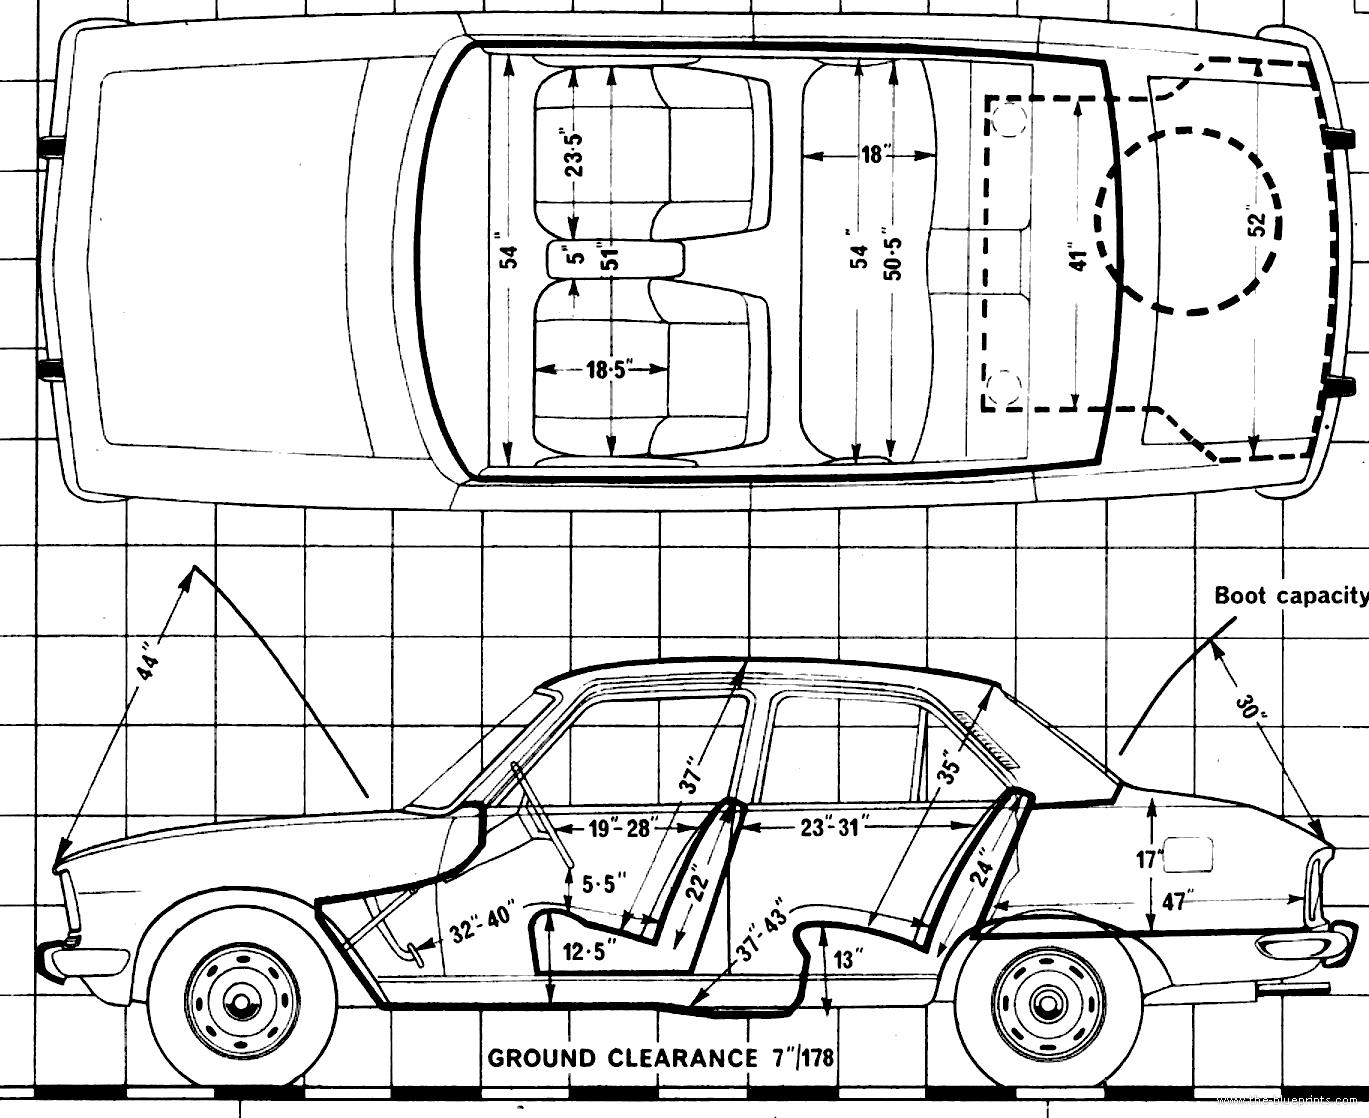 Blueprints Cars Peugeot Peugeot 504 L 1979